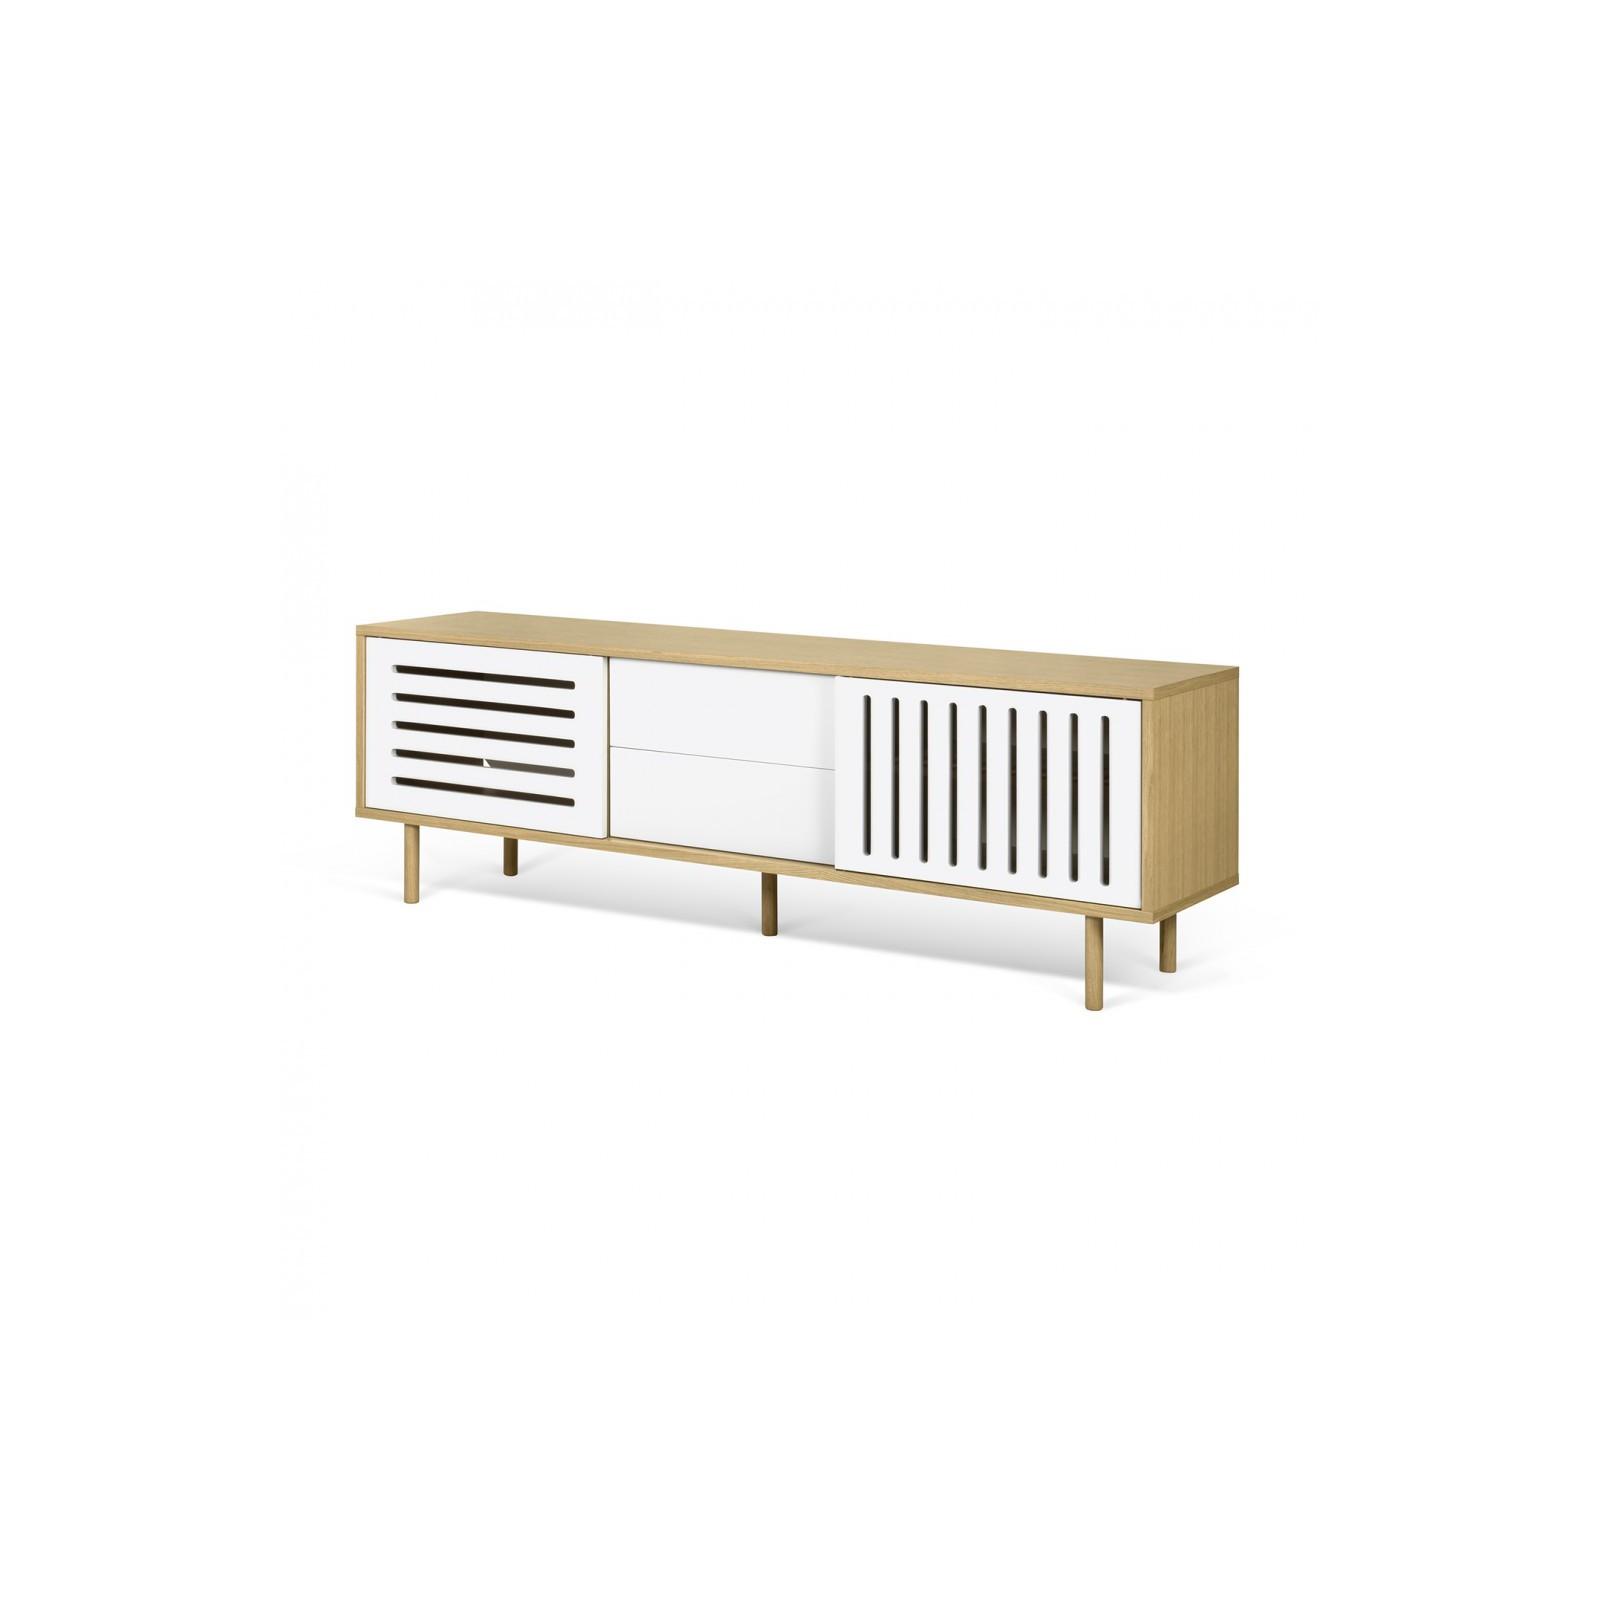 Meuble tv danois blanc et bois ray arne concept for Meuble tv bois et blanc